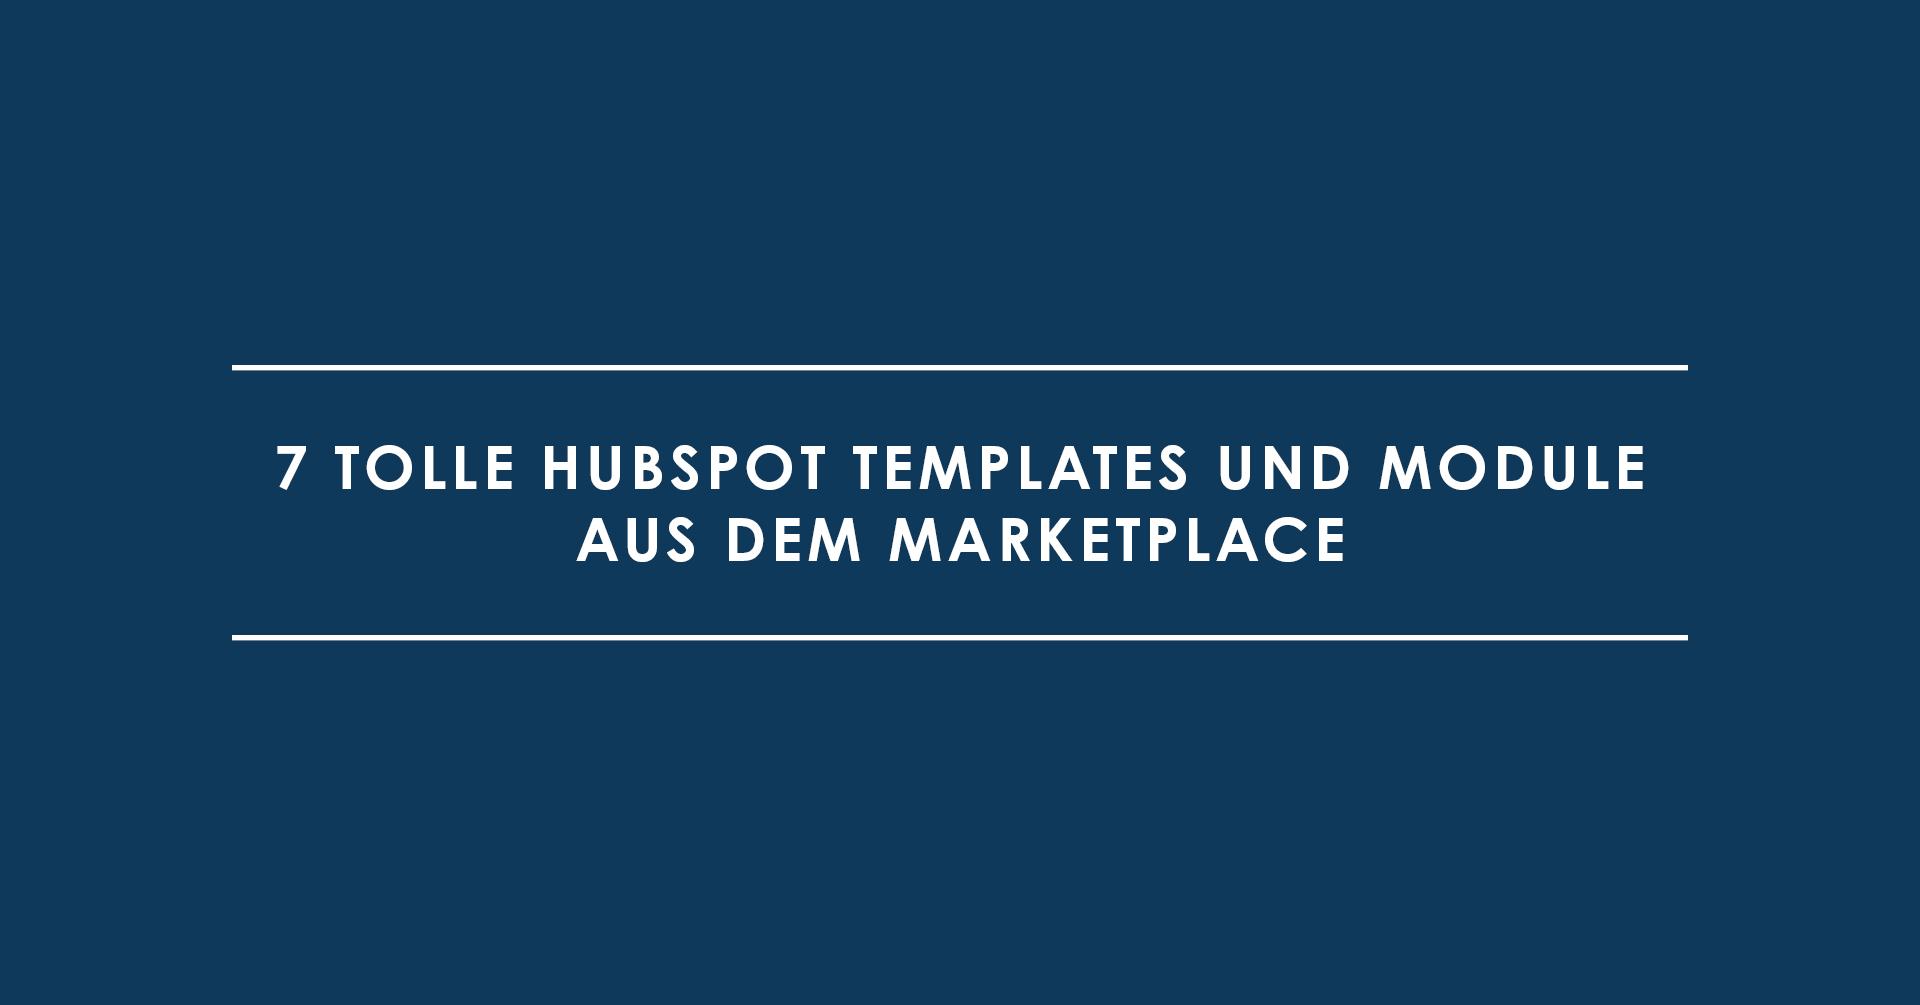 7 tolle HubSpot Templates und Module aus dem Marketplace